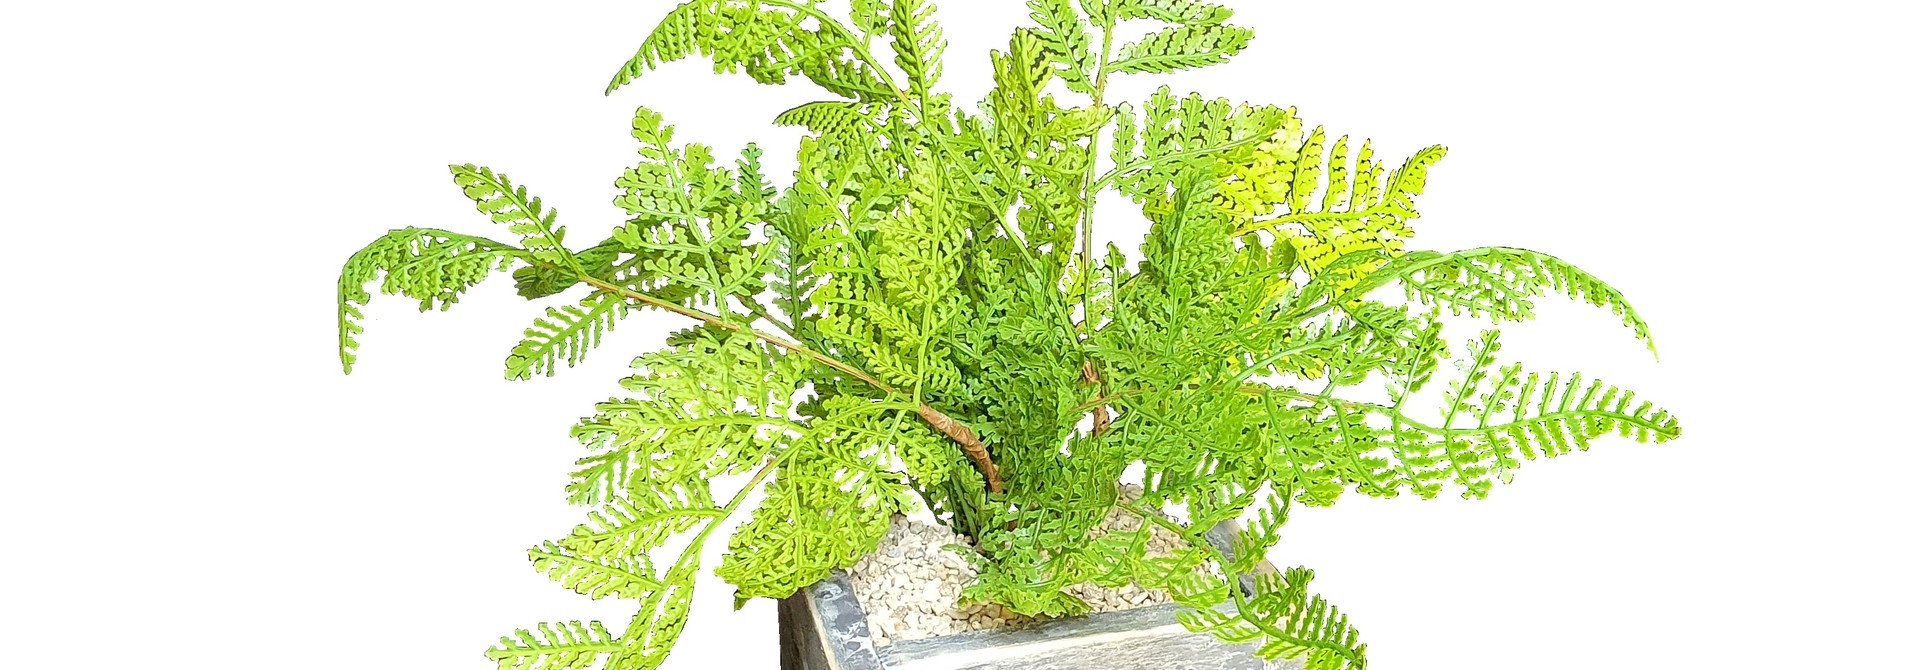 silk arrblack berlinfern forest J13